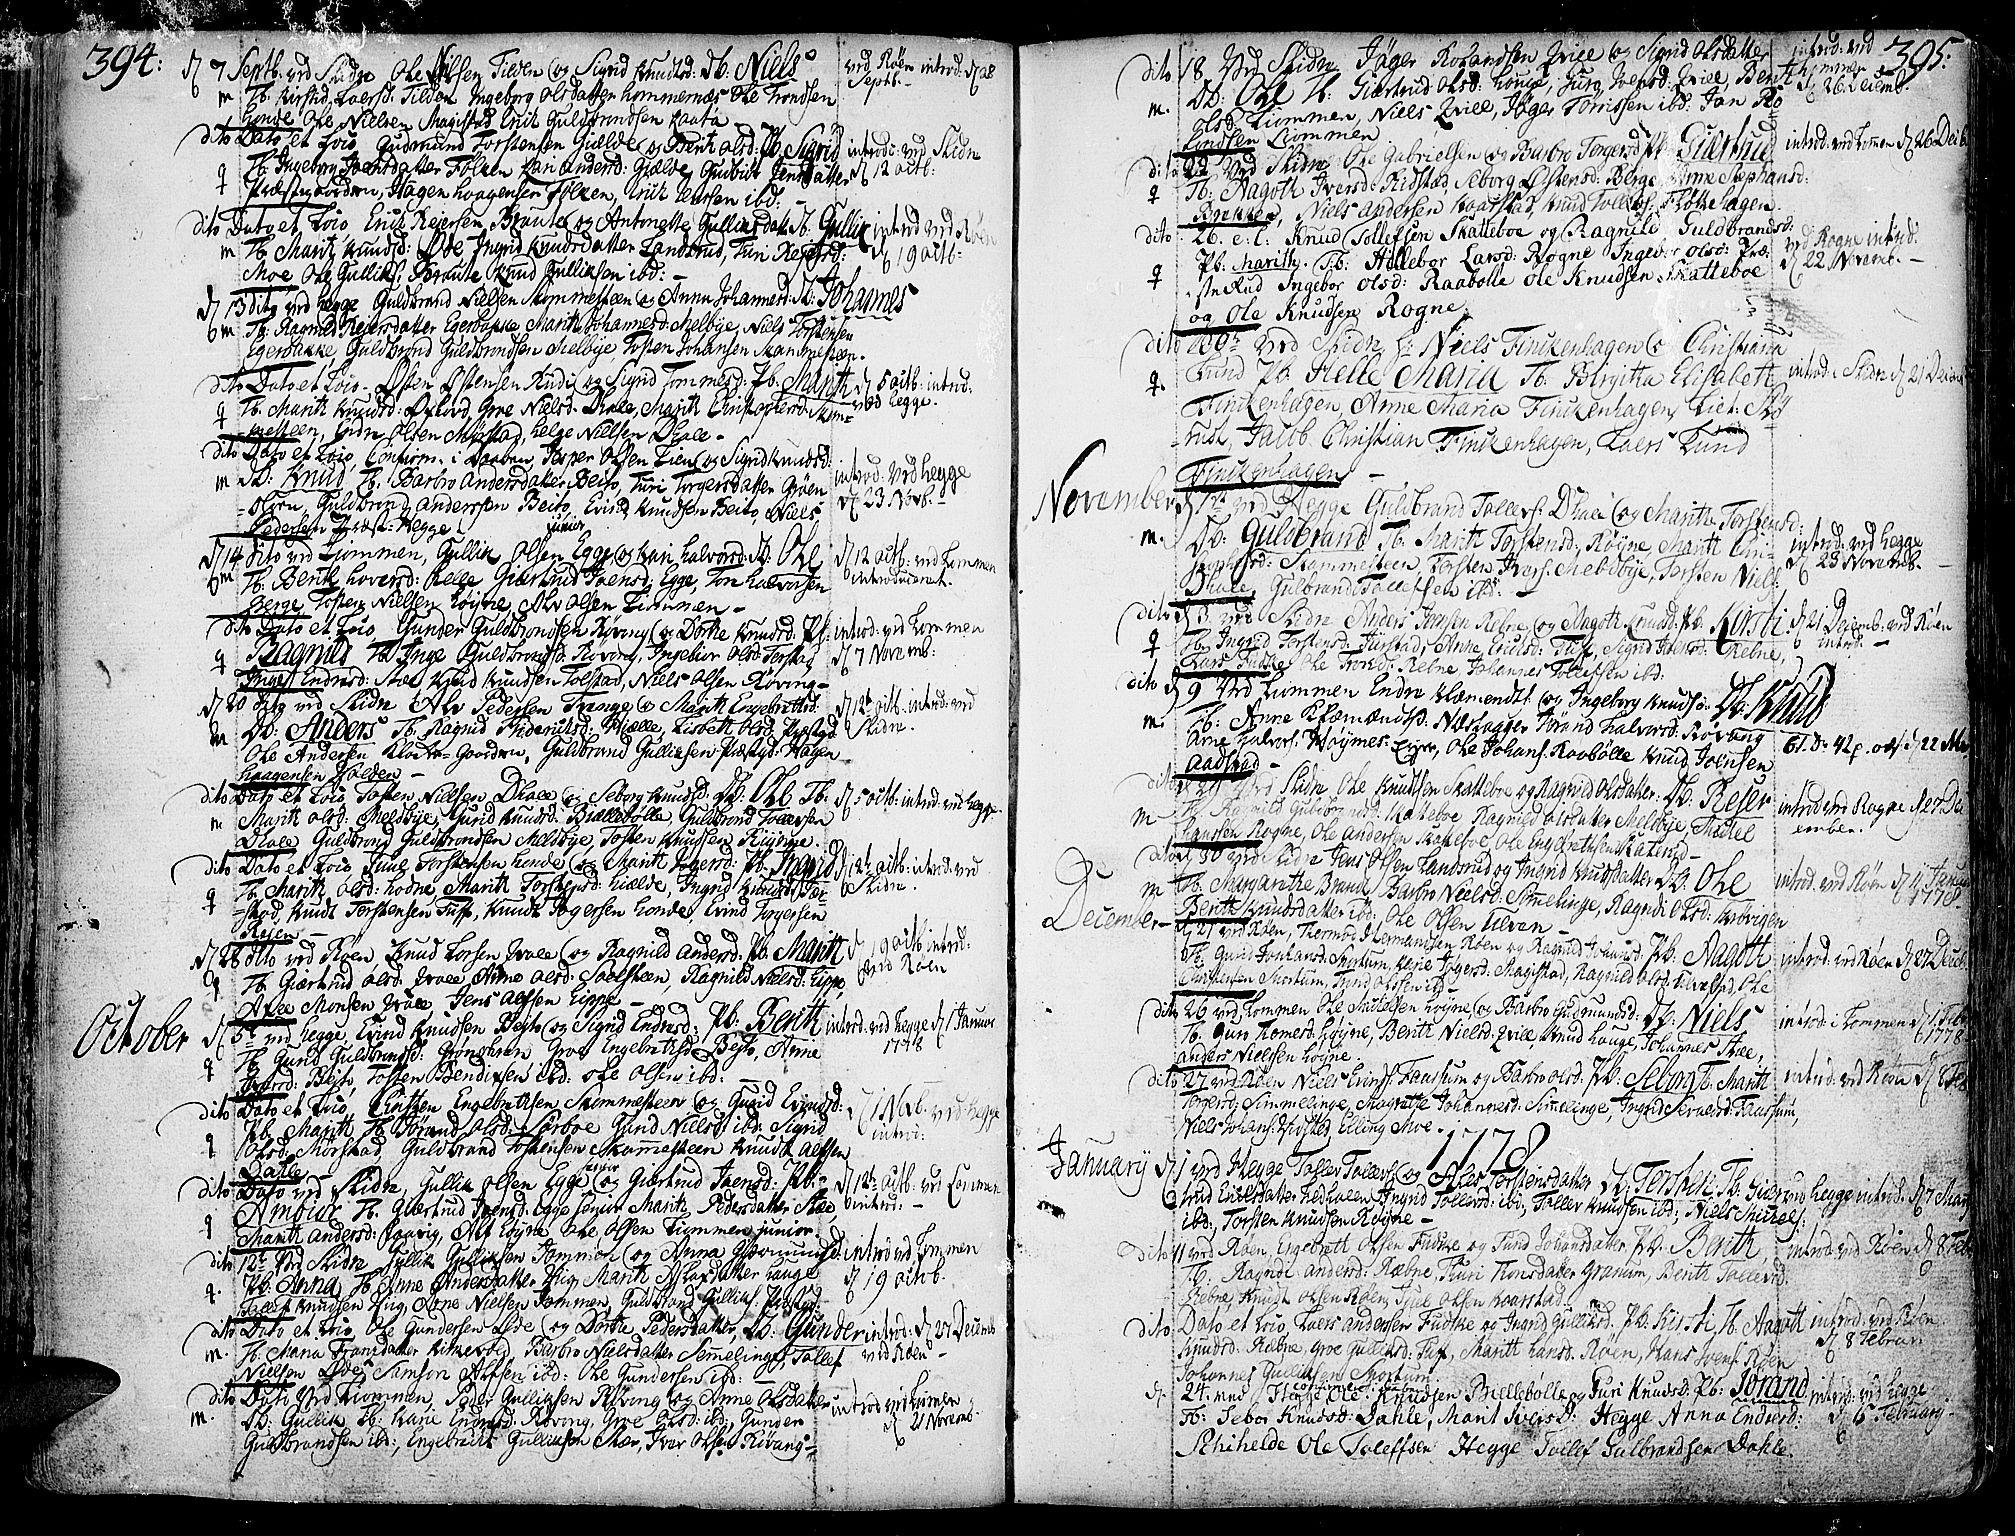 SAH, Slidre prestekontor, Ministerialbok nr. 1, 1724-1814, s. 394-395